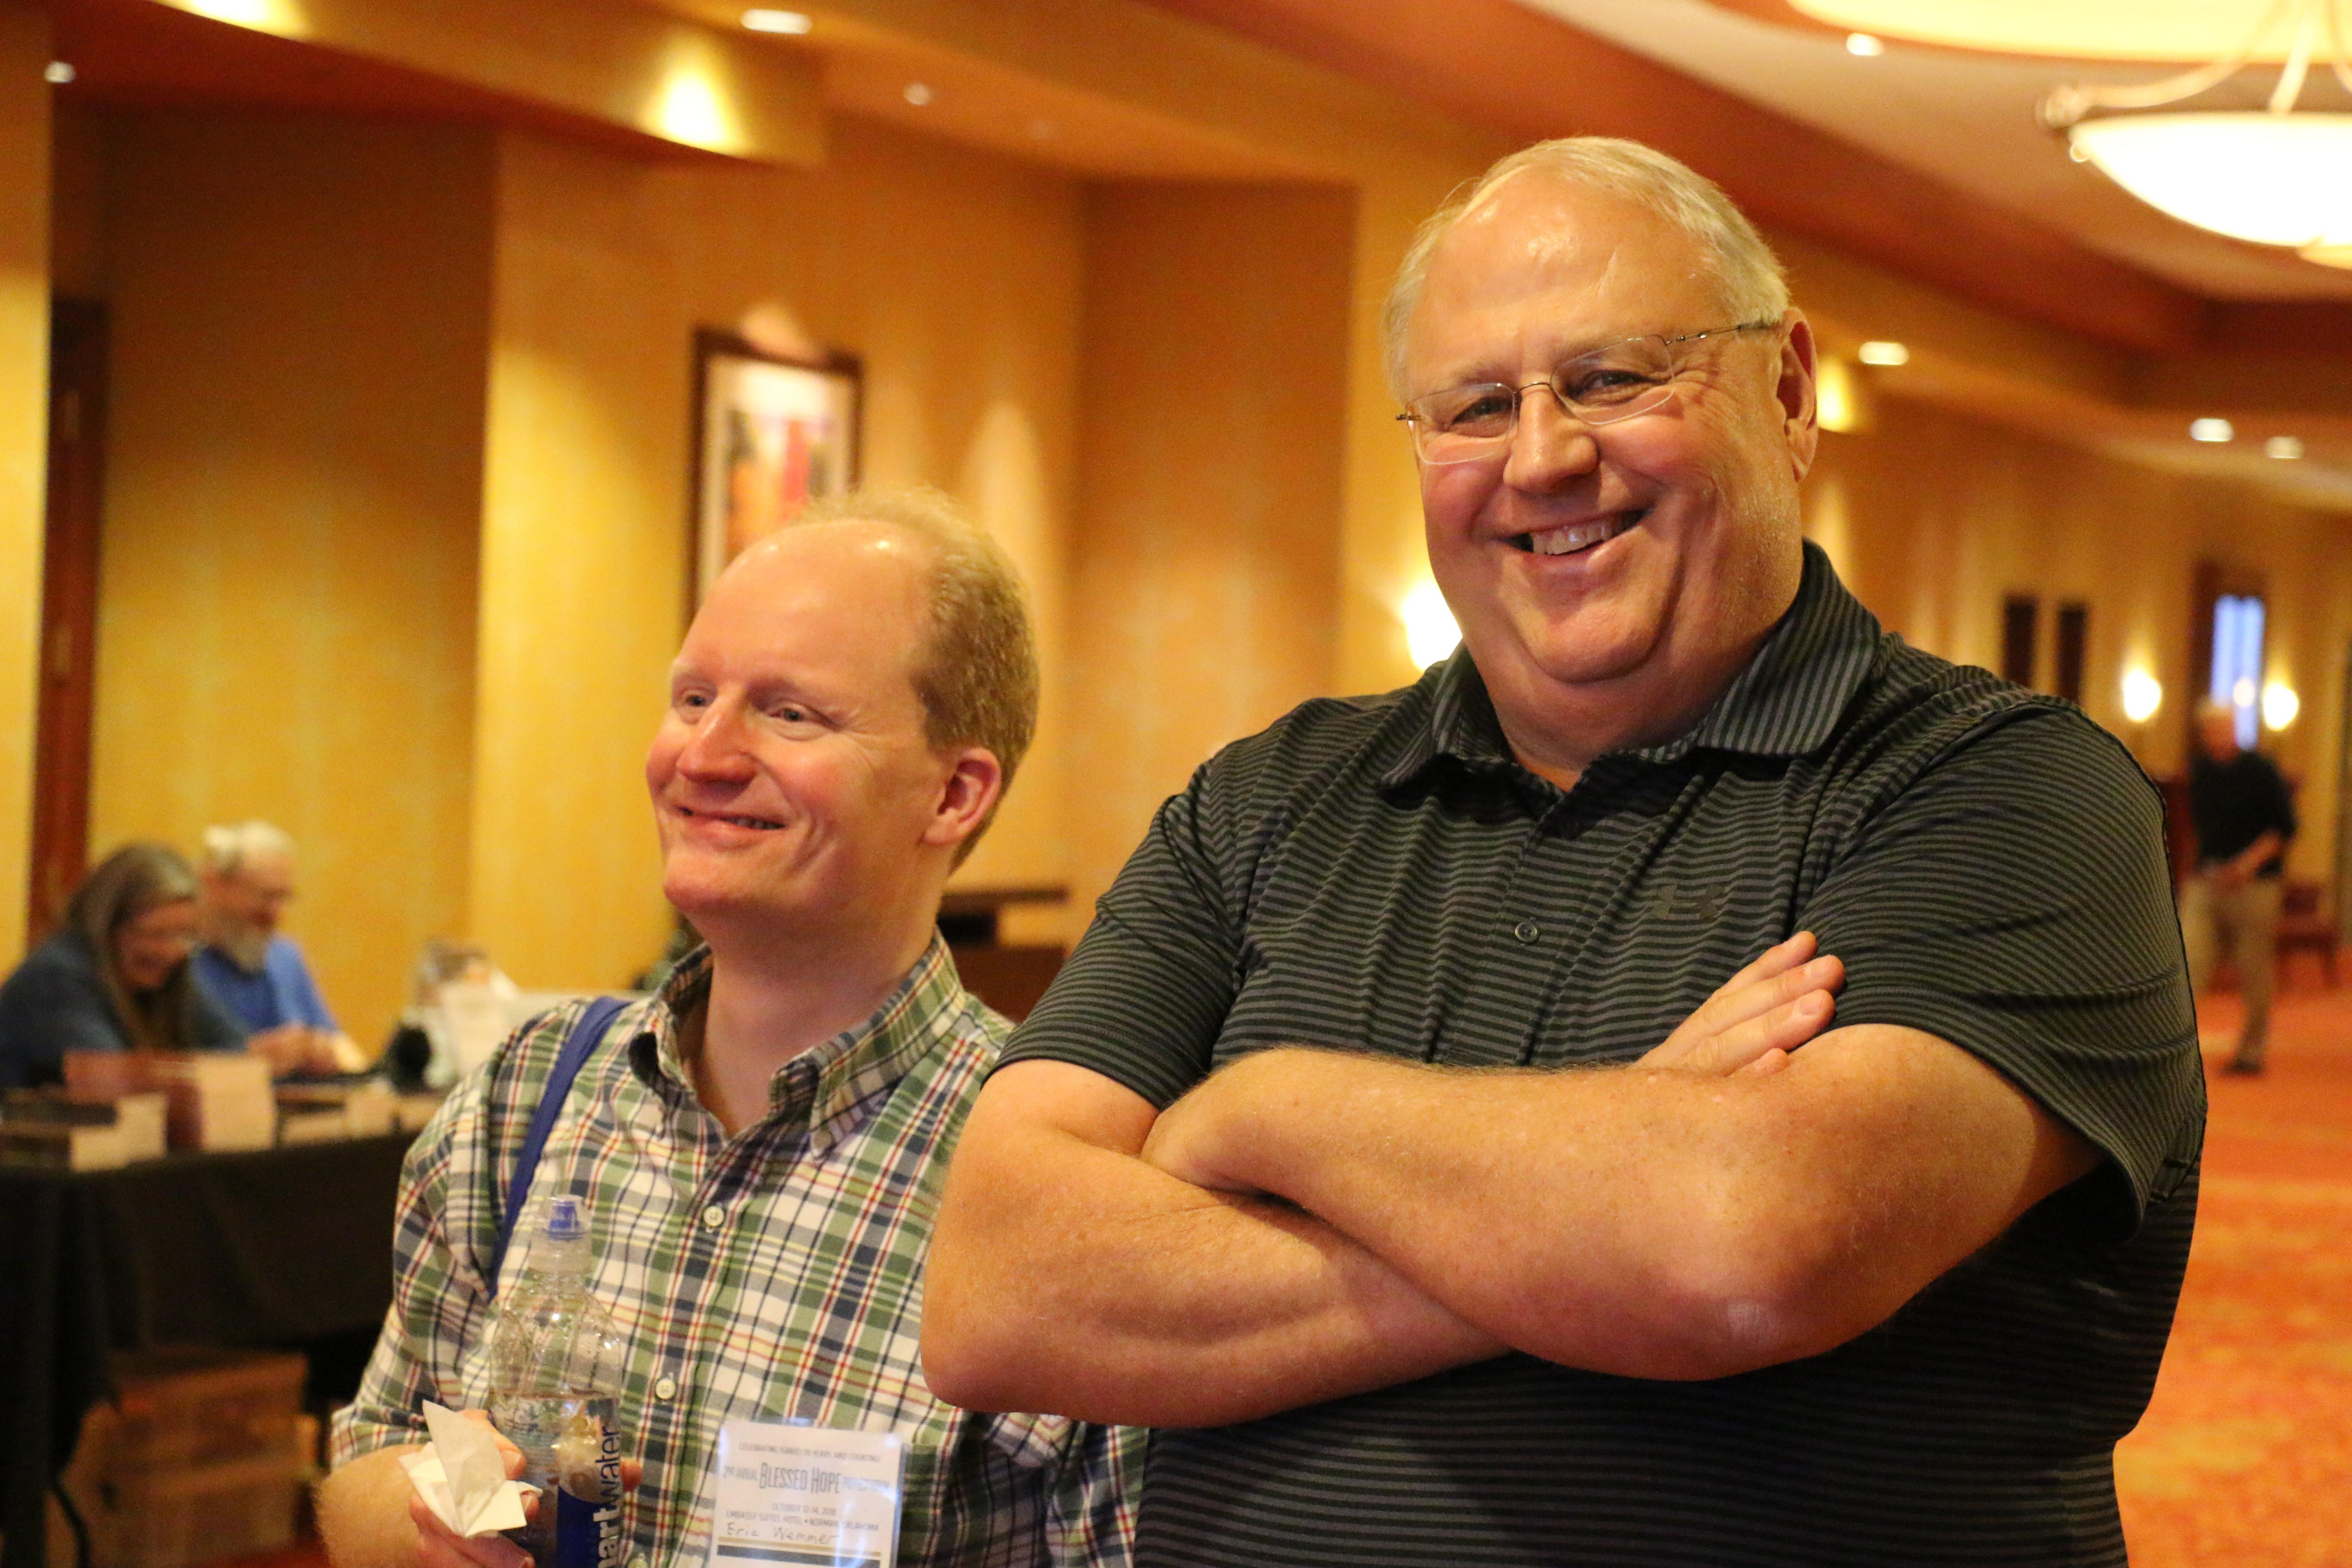 Eric and John